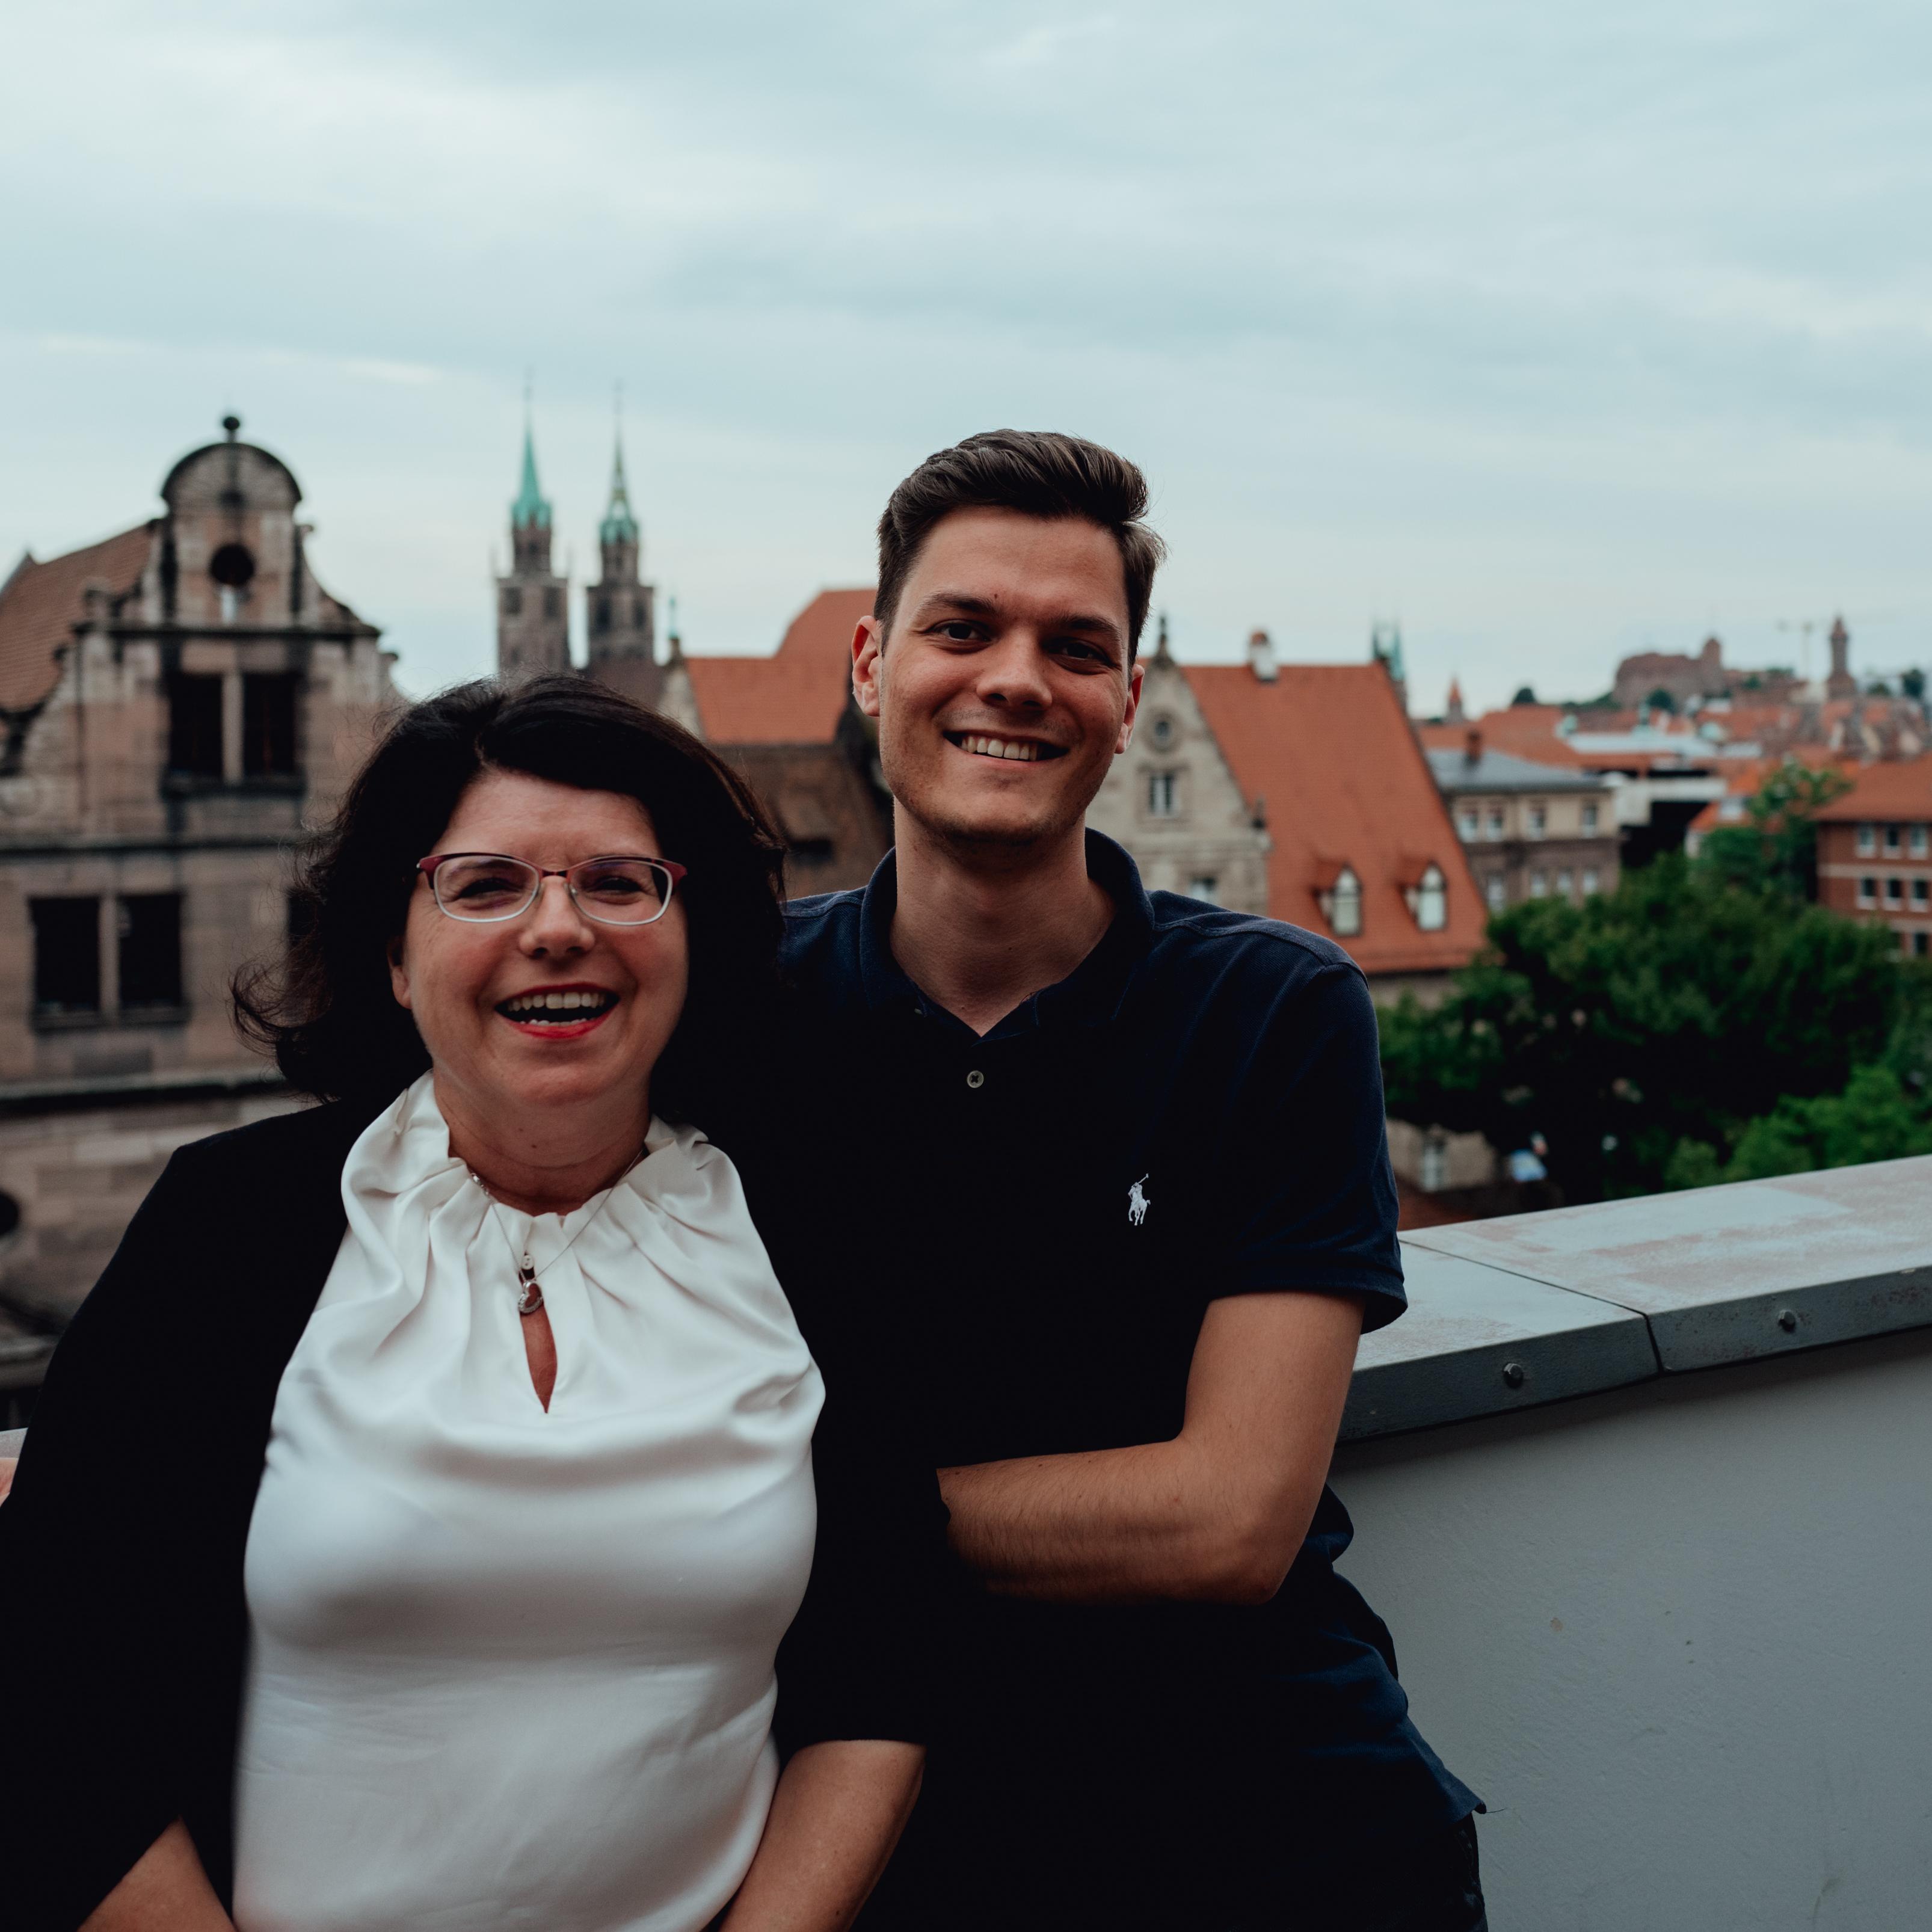 Monika Rührup & Moritz Neise